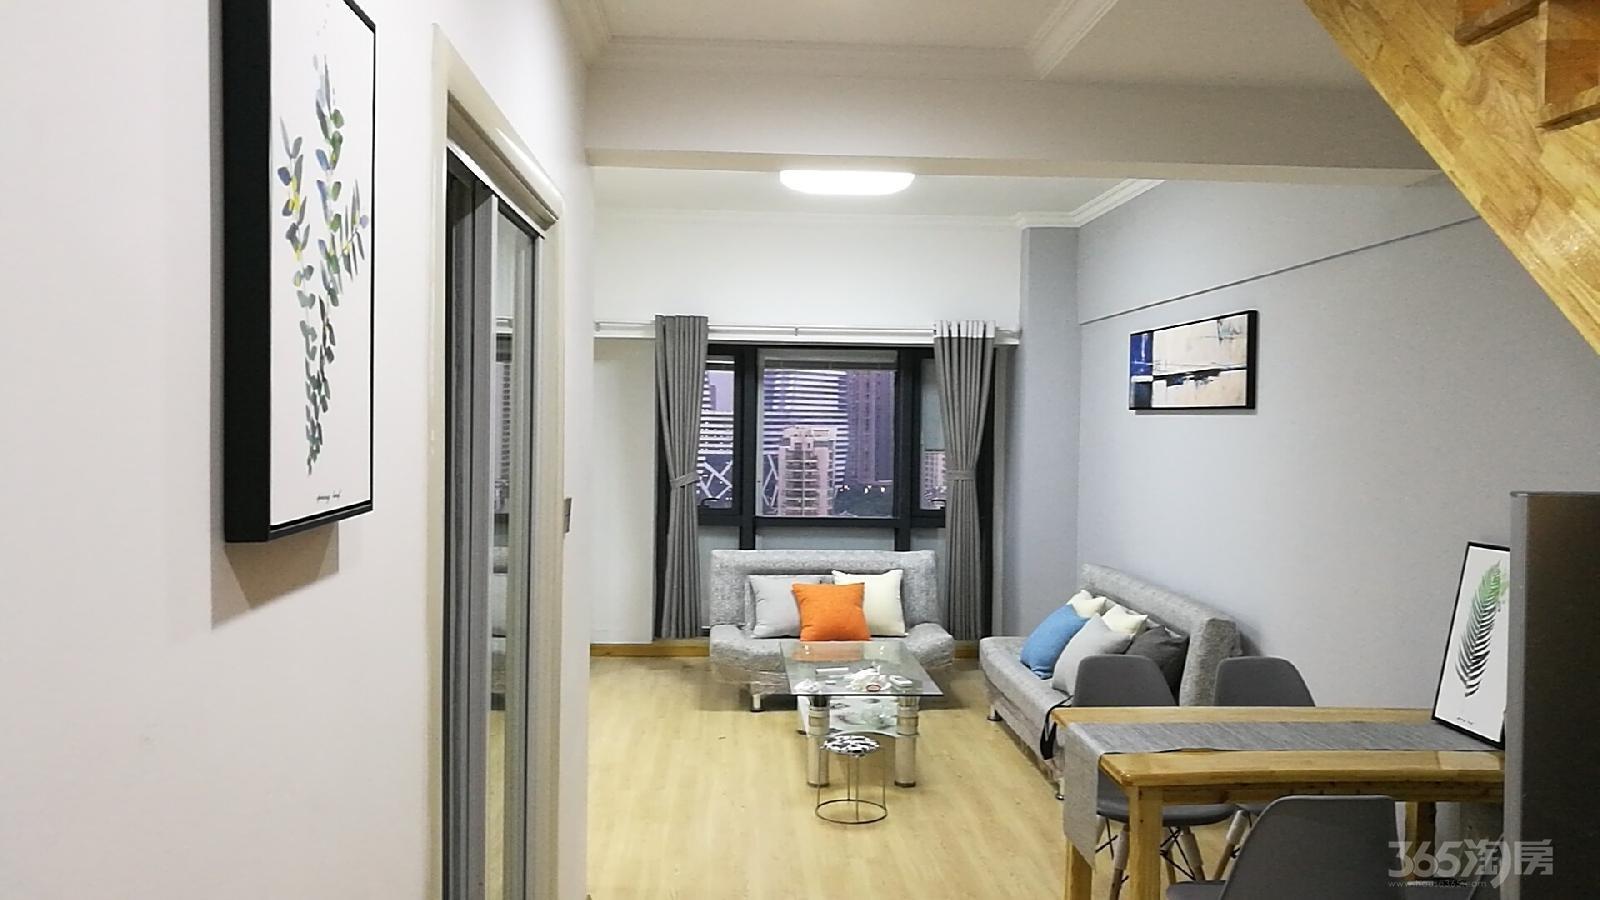 天誉花园2室2厅2卫83�O整租精装